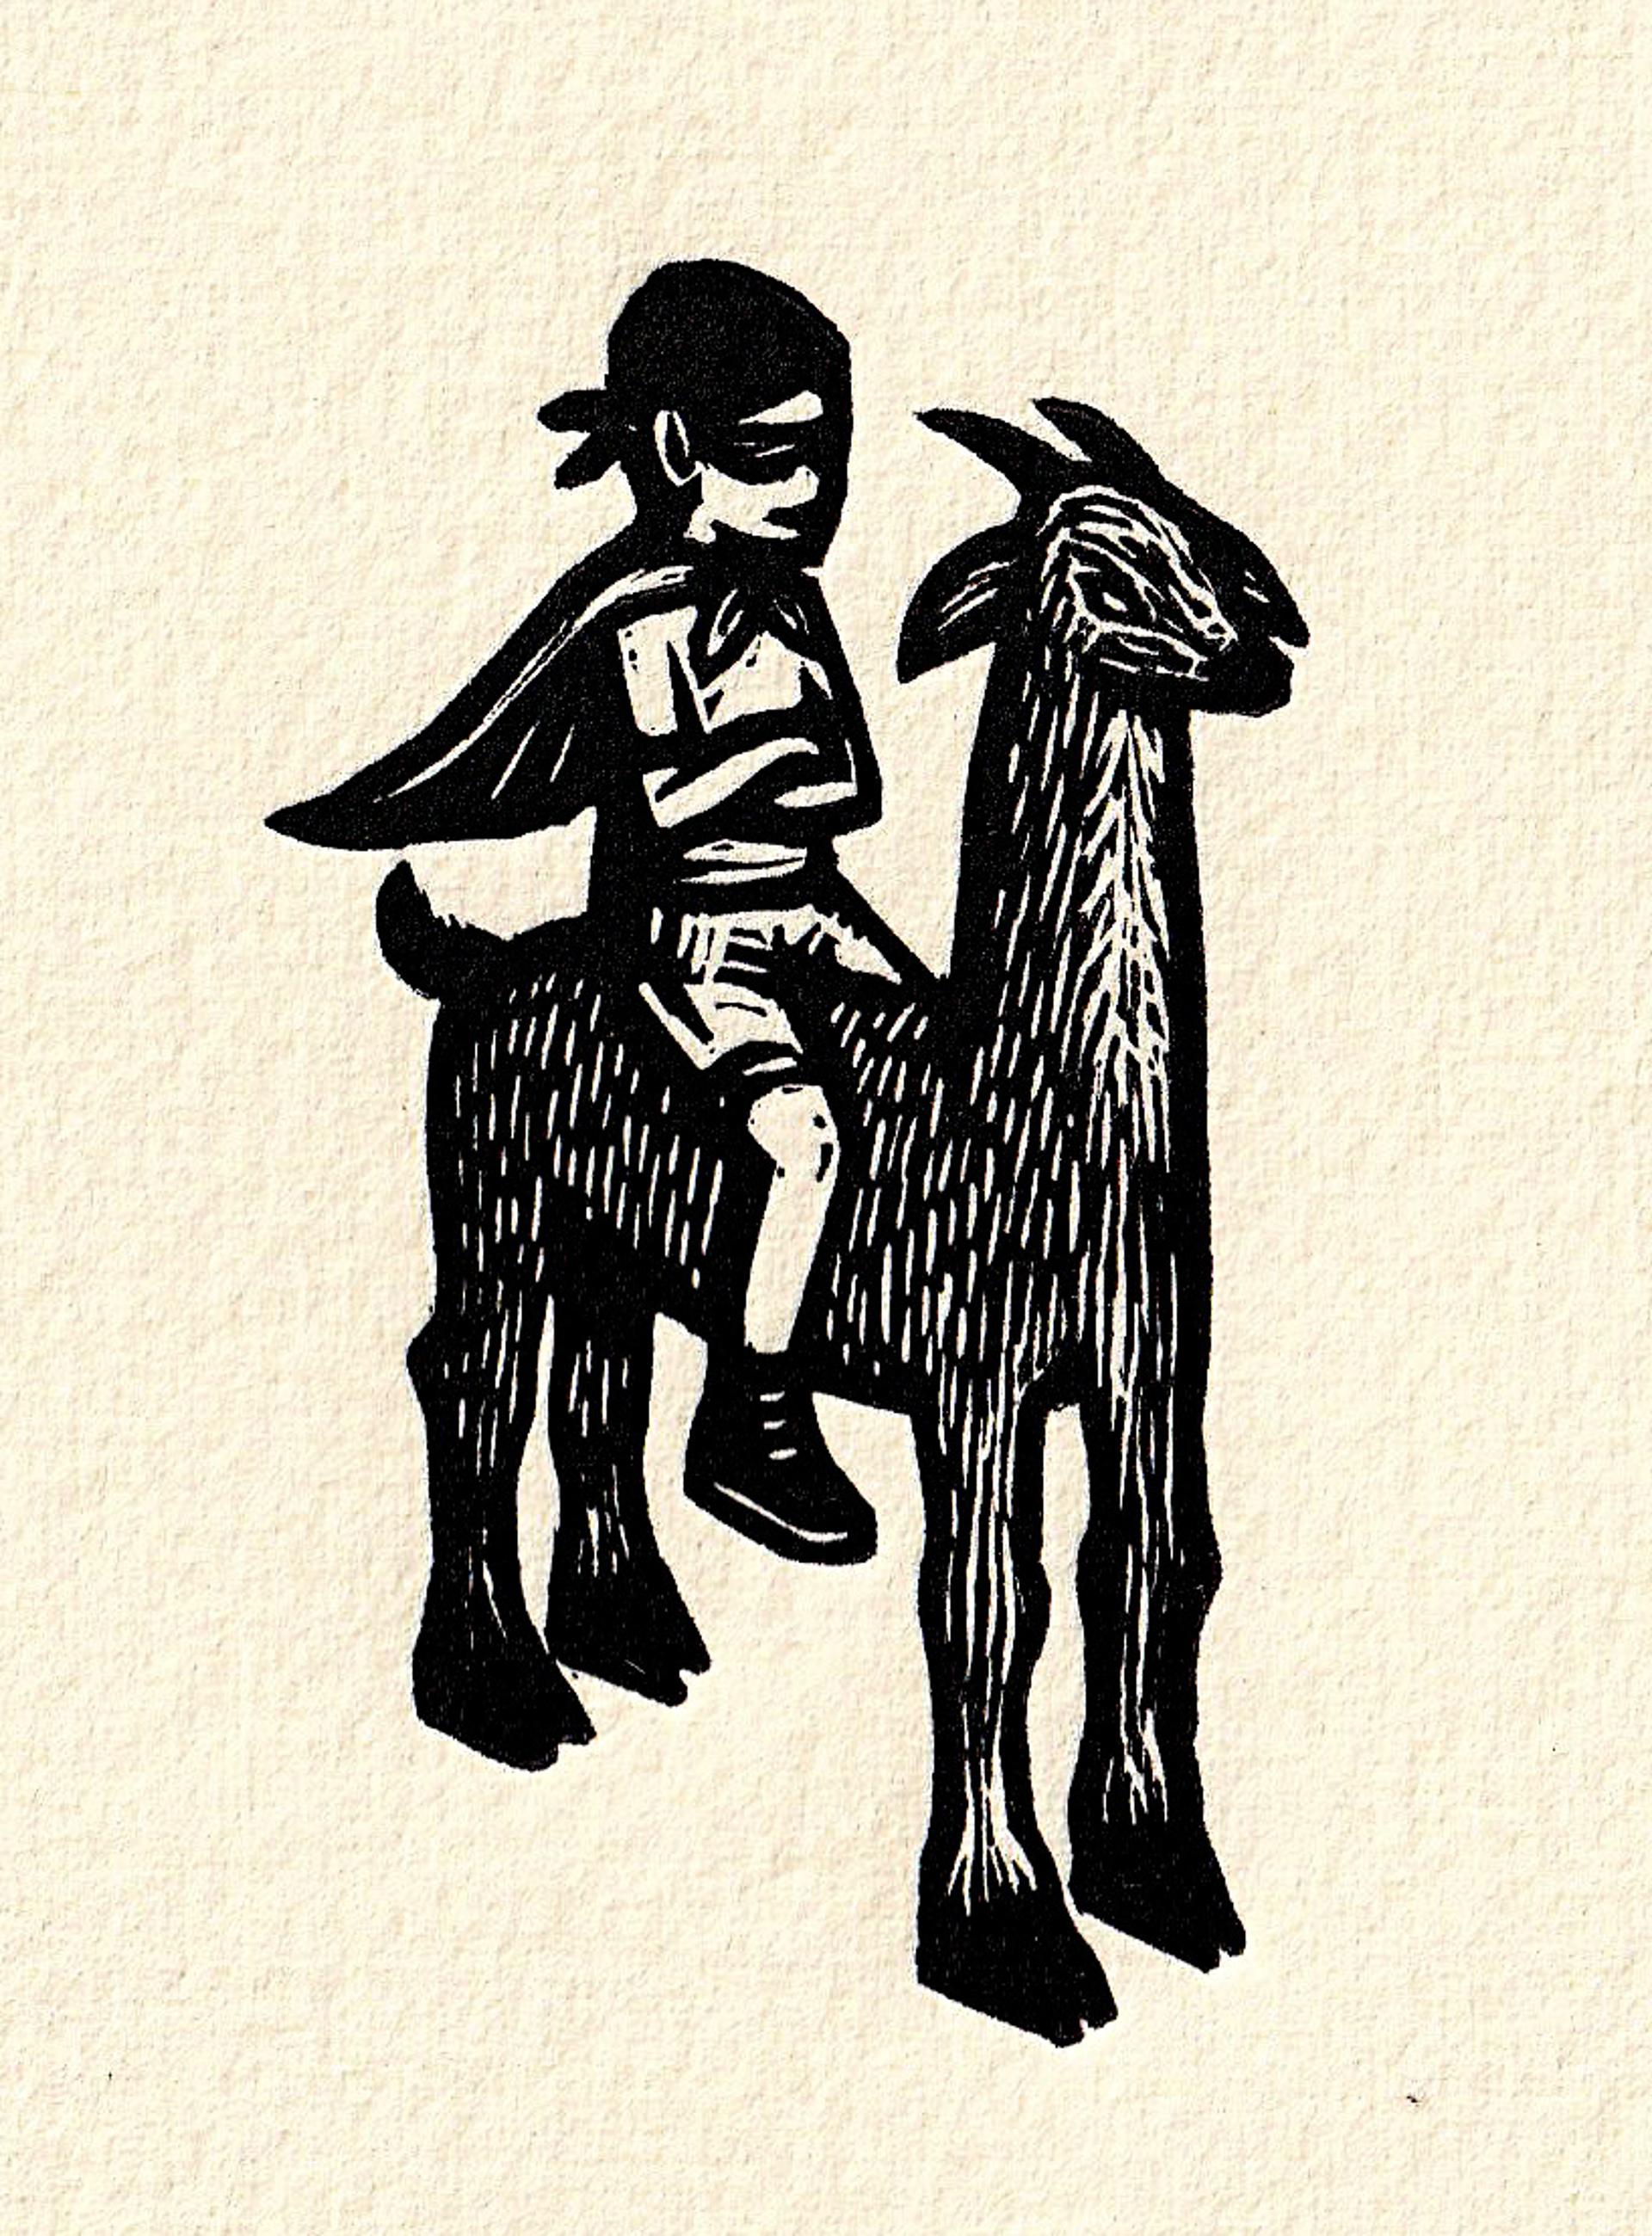 Untitled (Llama) (Framed) by Alberto Cruz